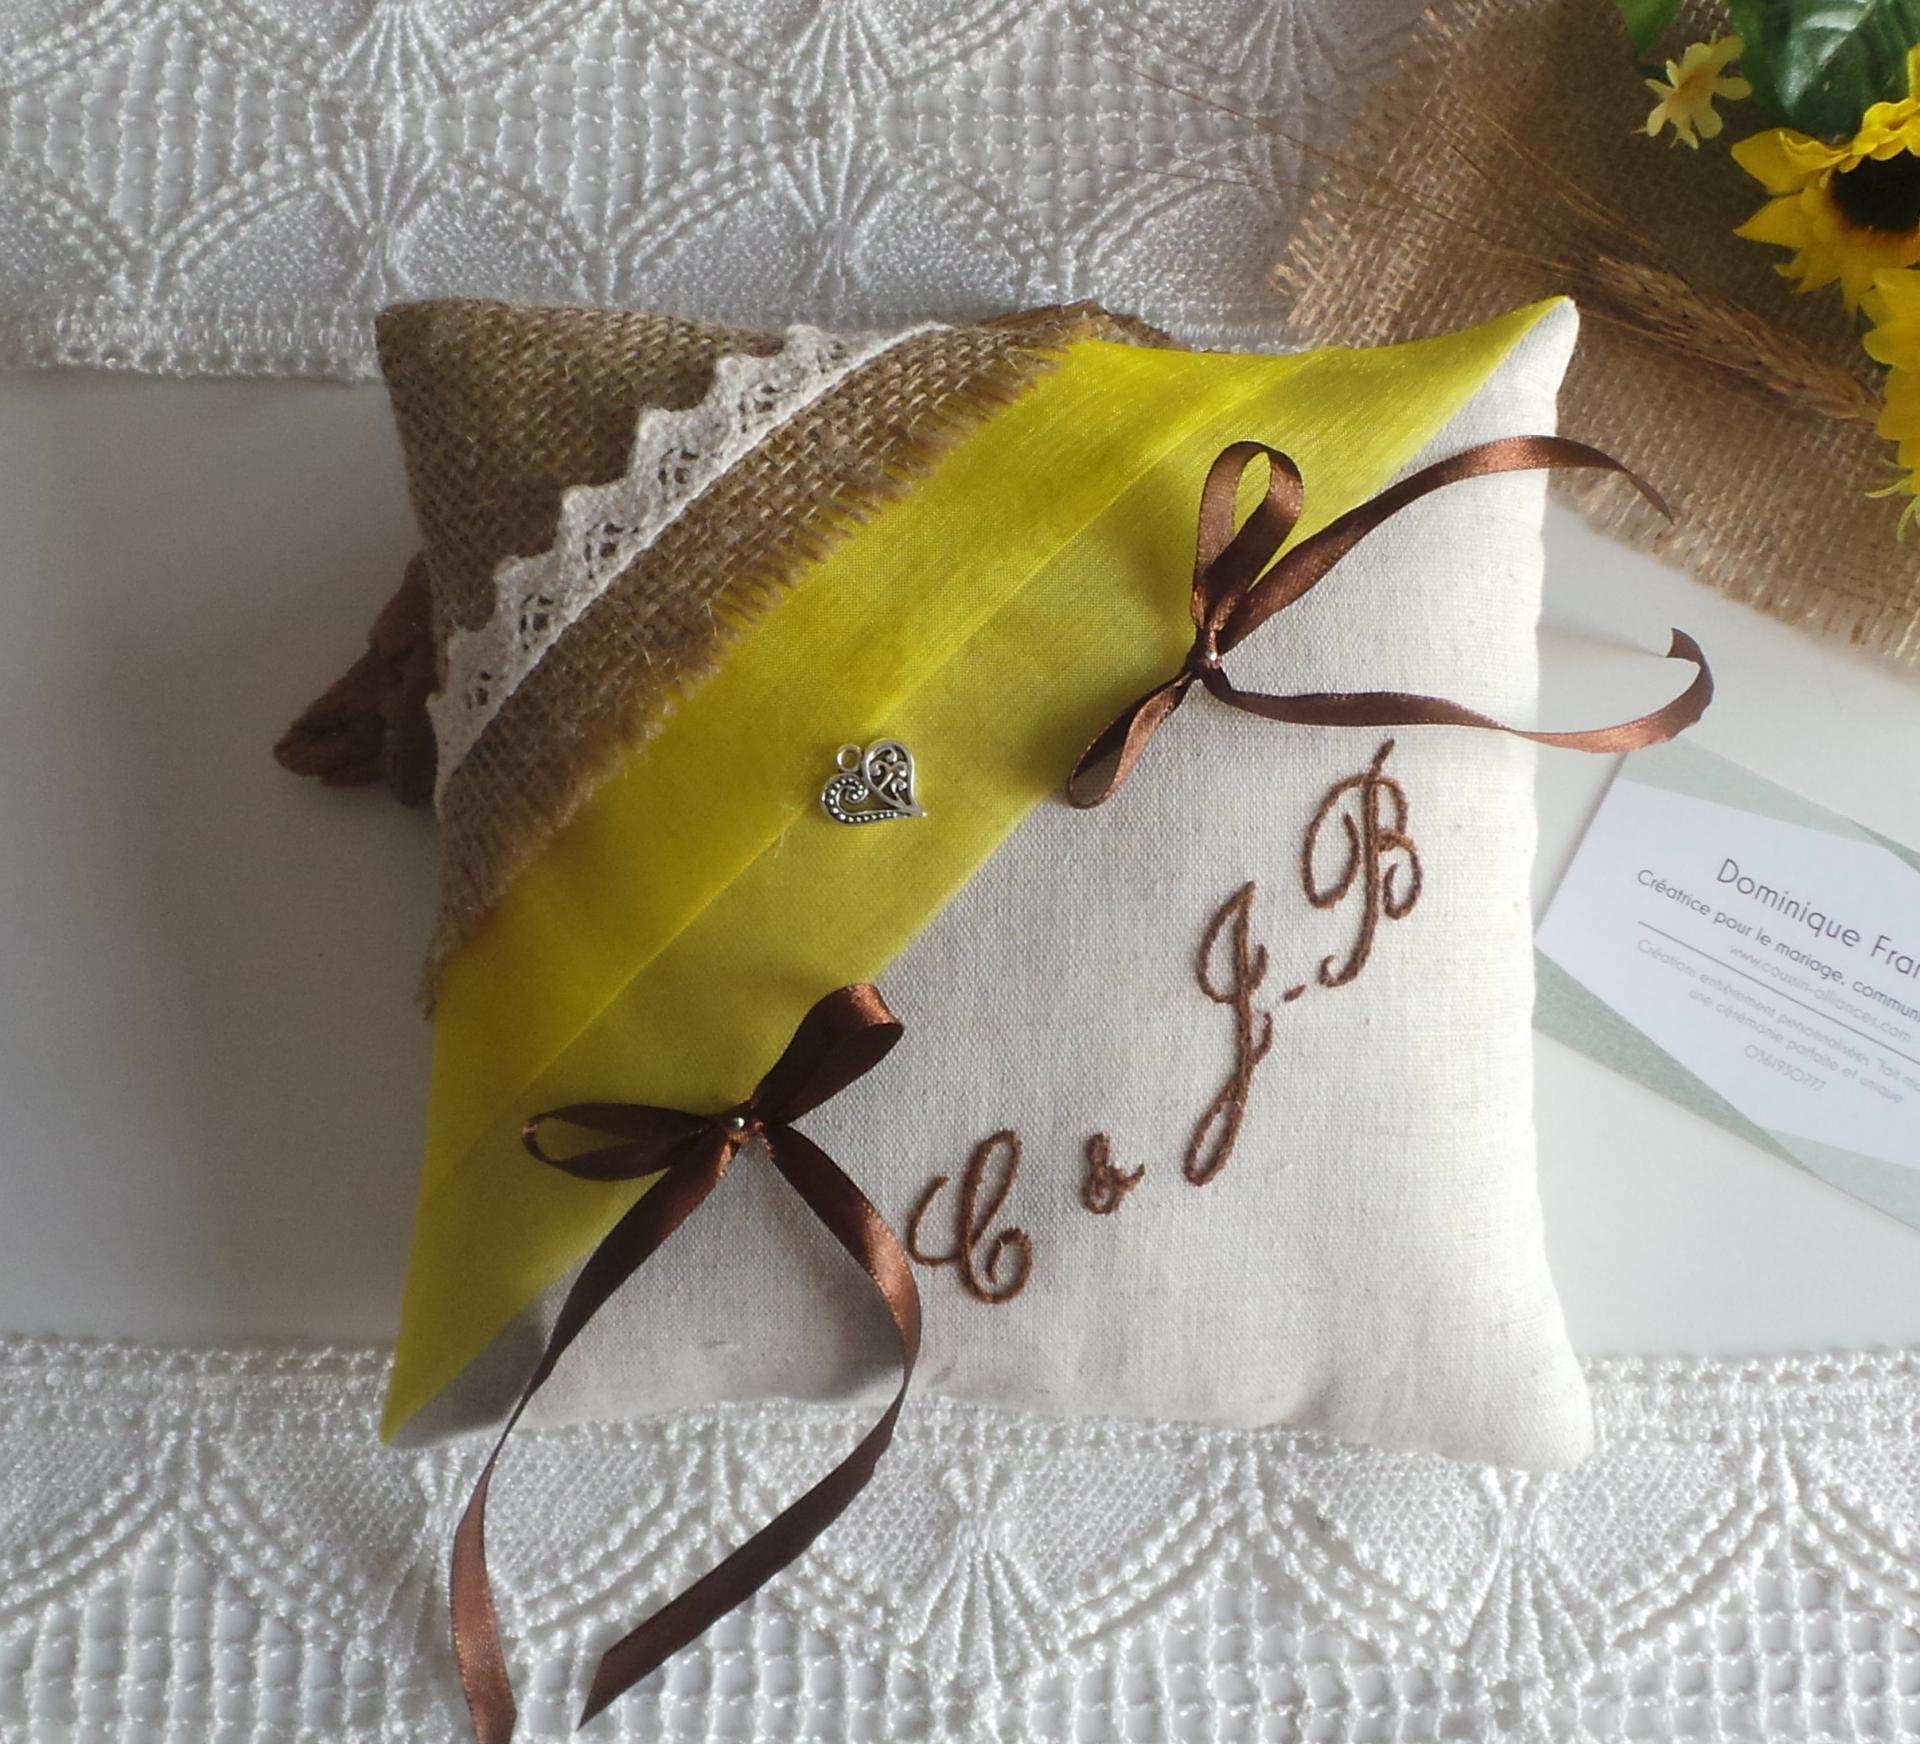 Coussin alliances champetre chic campagne jaune tournesol jute lin dentelle 2